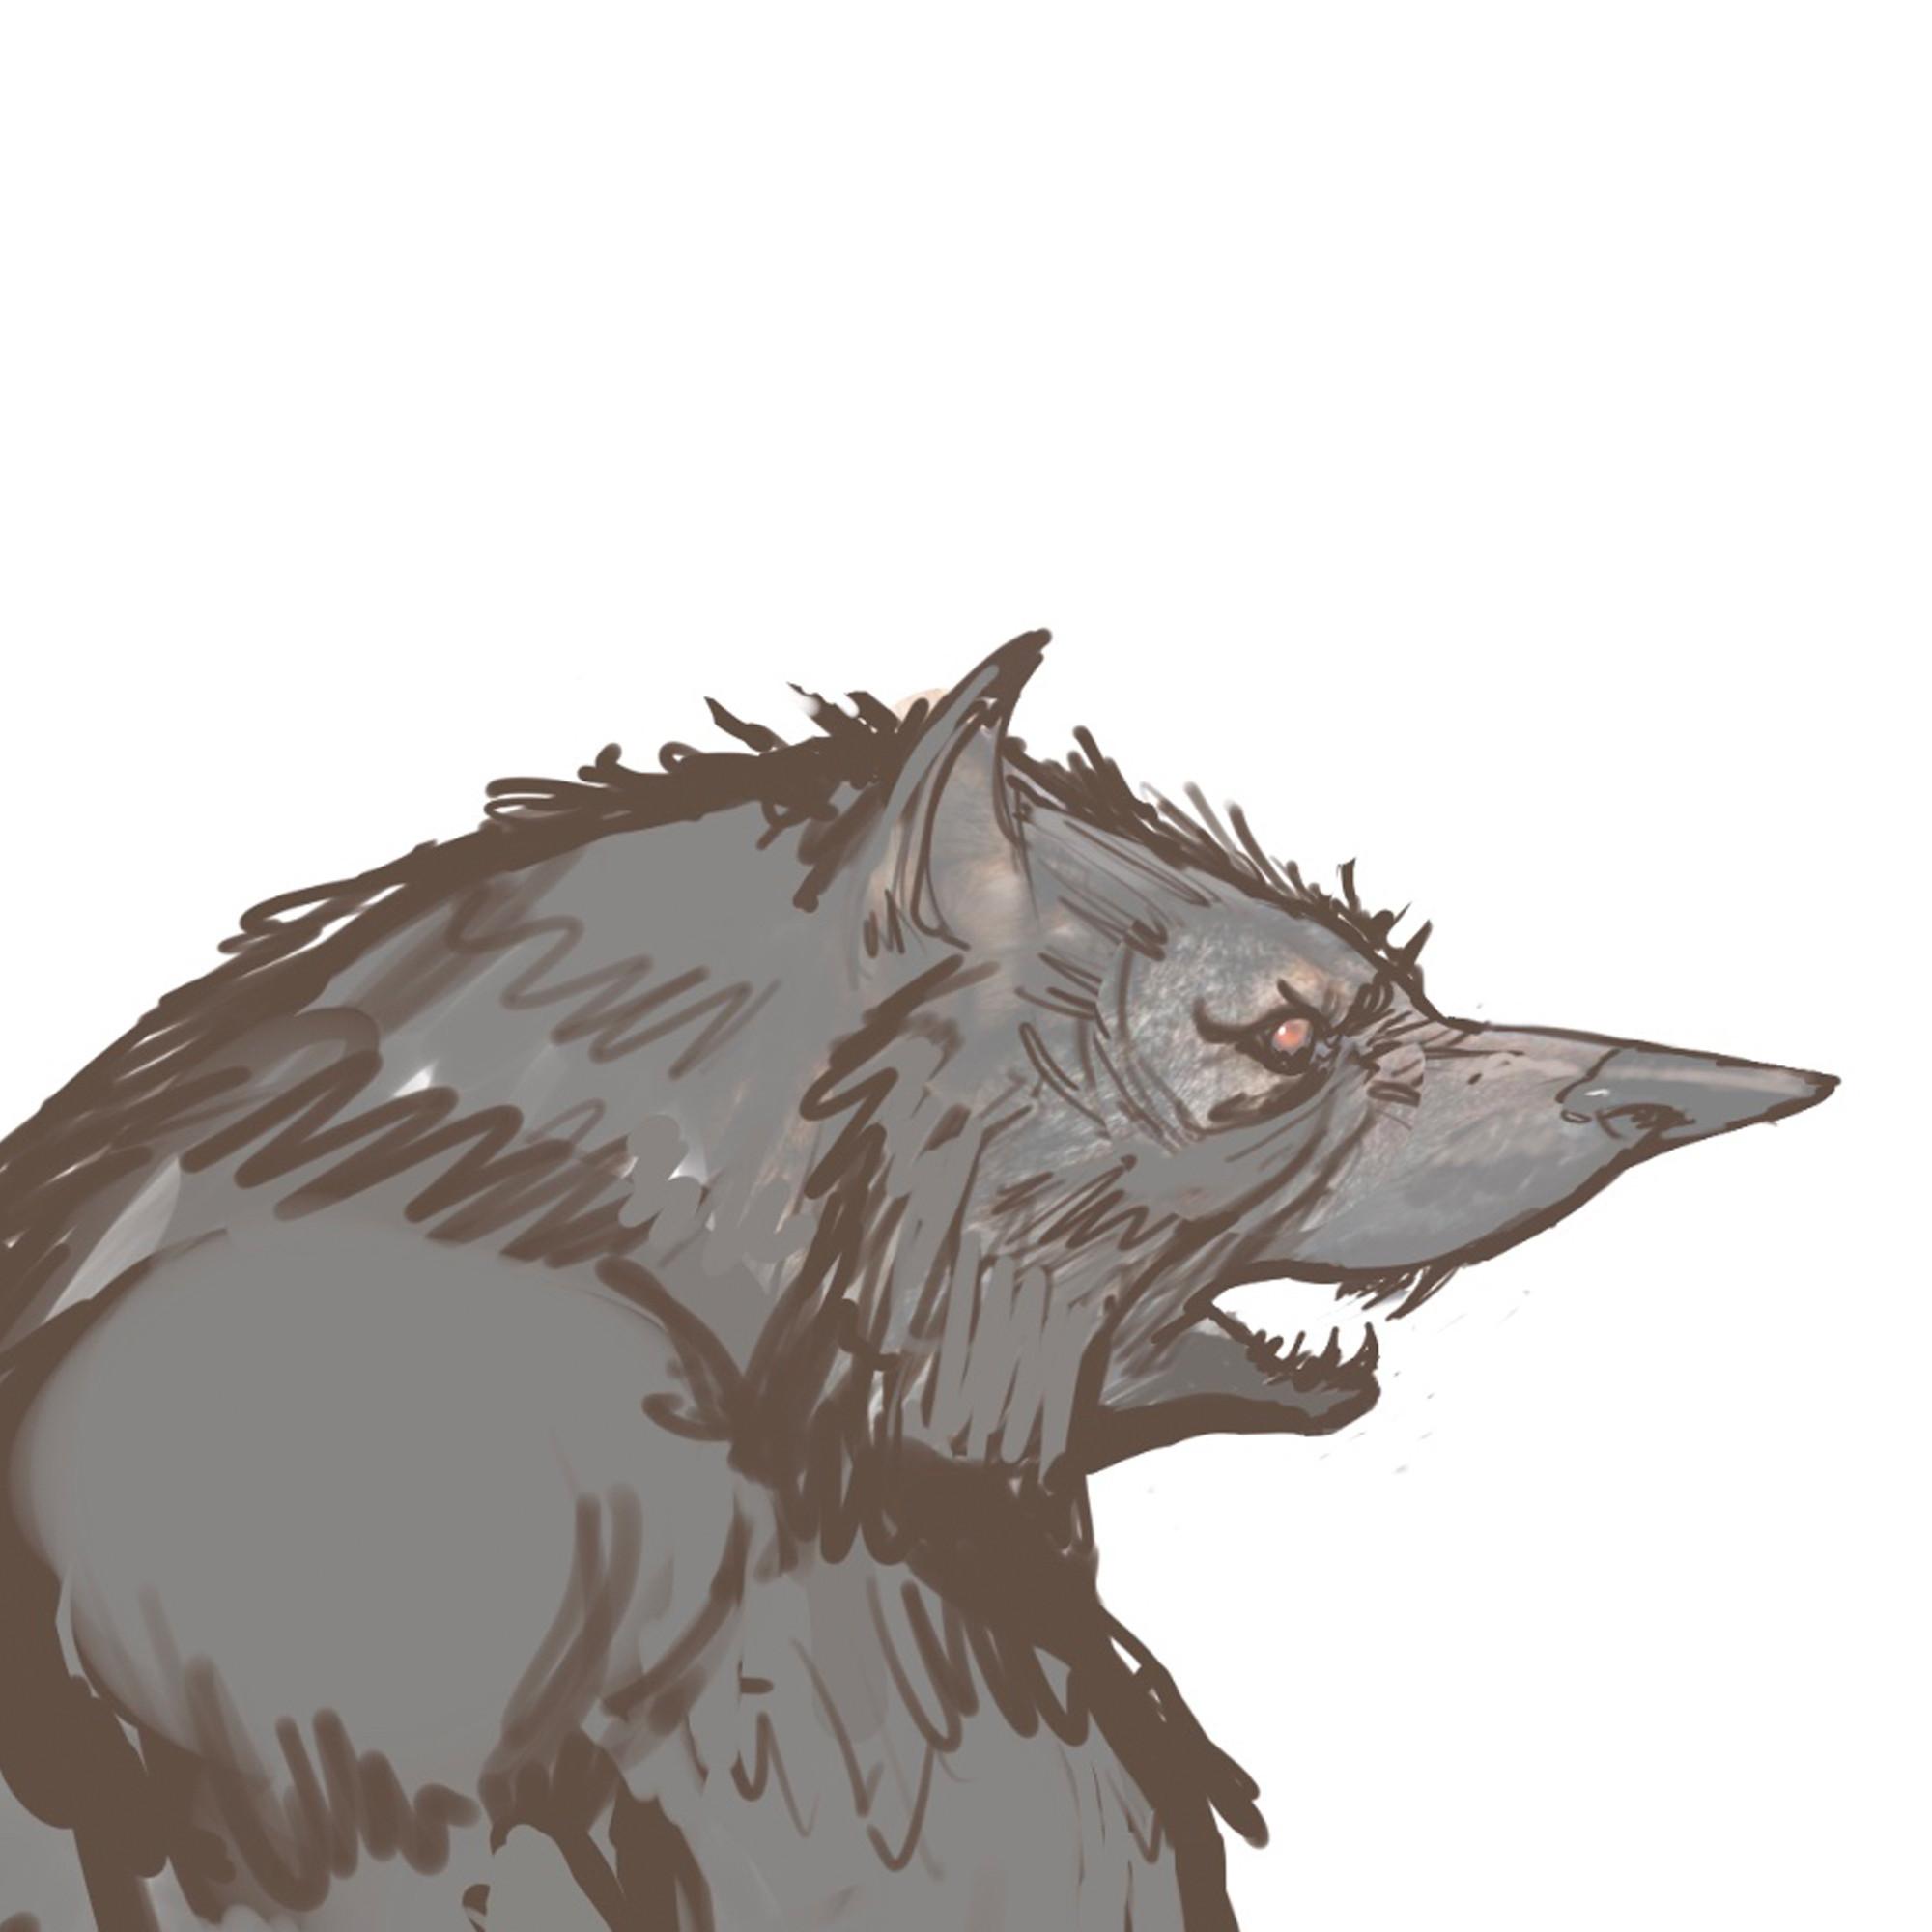 1- Sketch